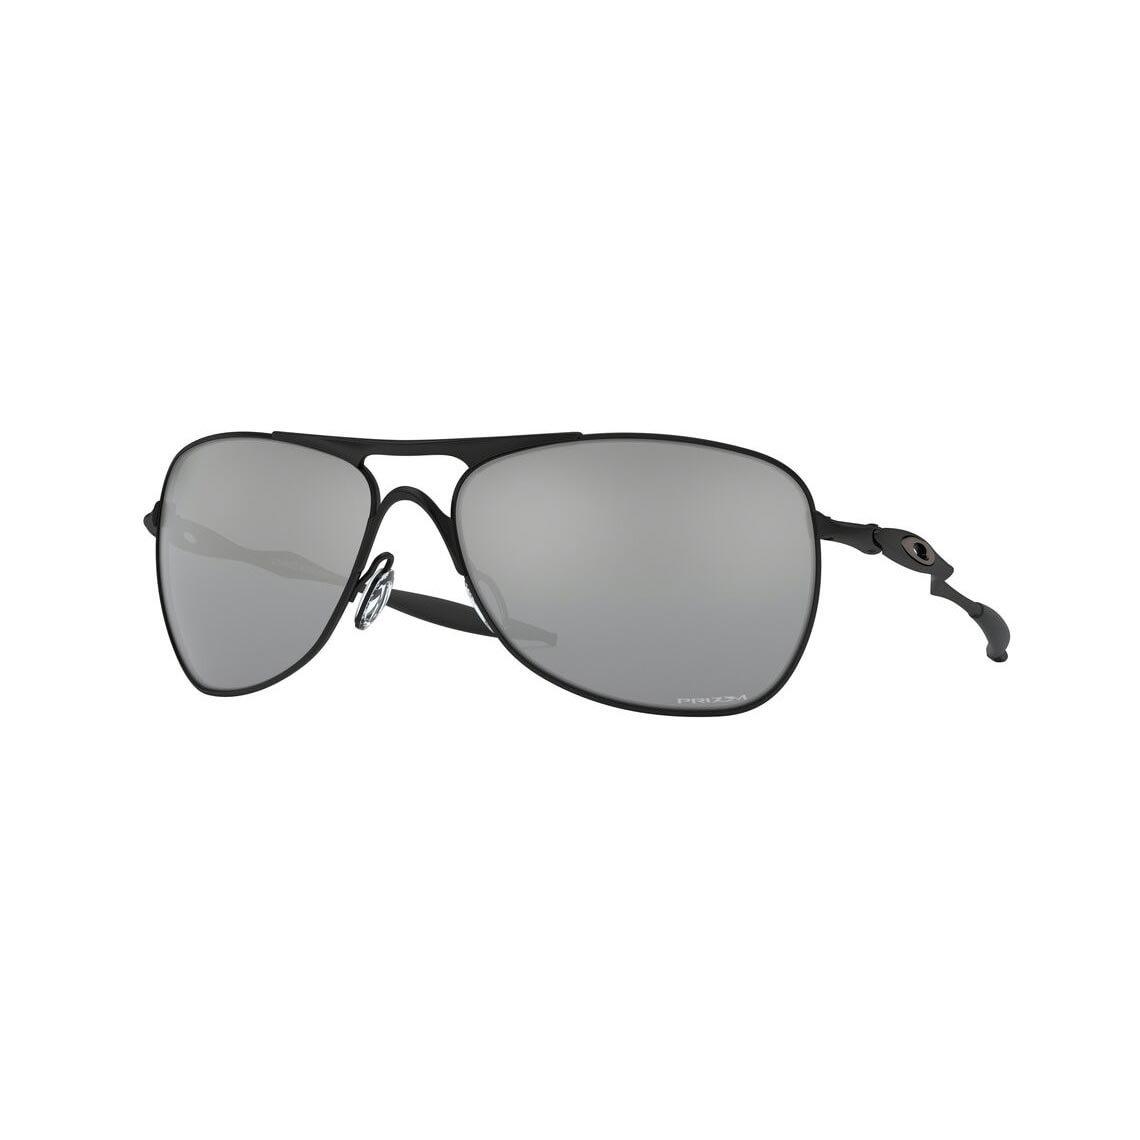 Oakley Crosshair Prizm Black OO4060-2361